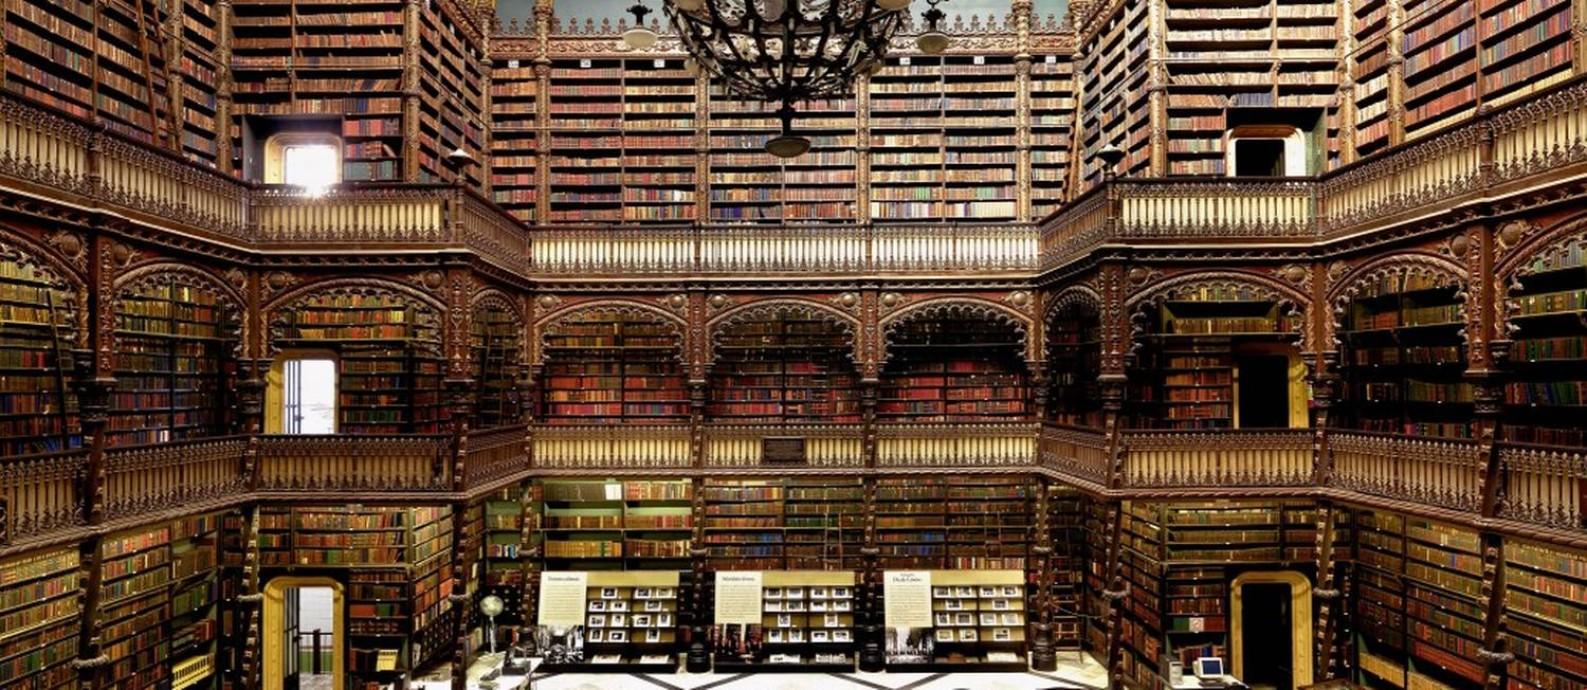 O Real Gabinete Português de Leitura, no Centro do Rio Foto: Massimo Listri / Divulgação